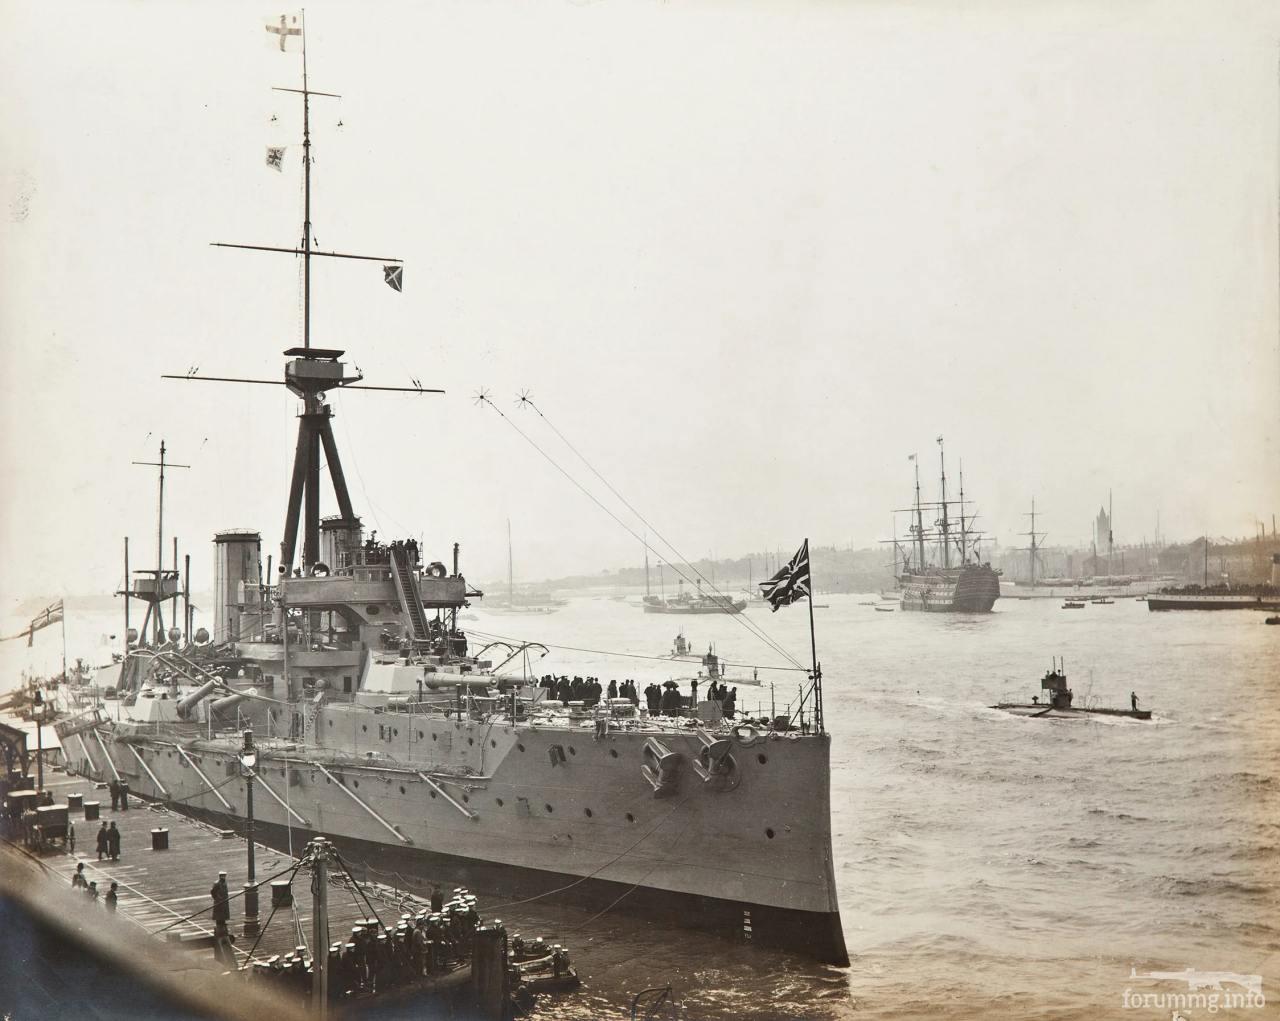 116589 - HMS Dreadnaught